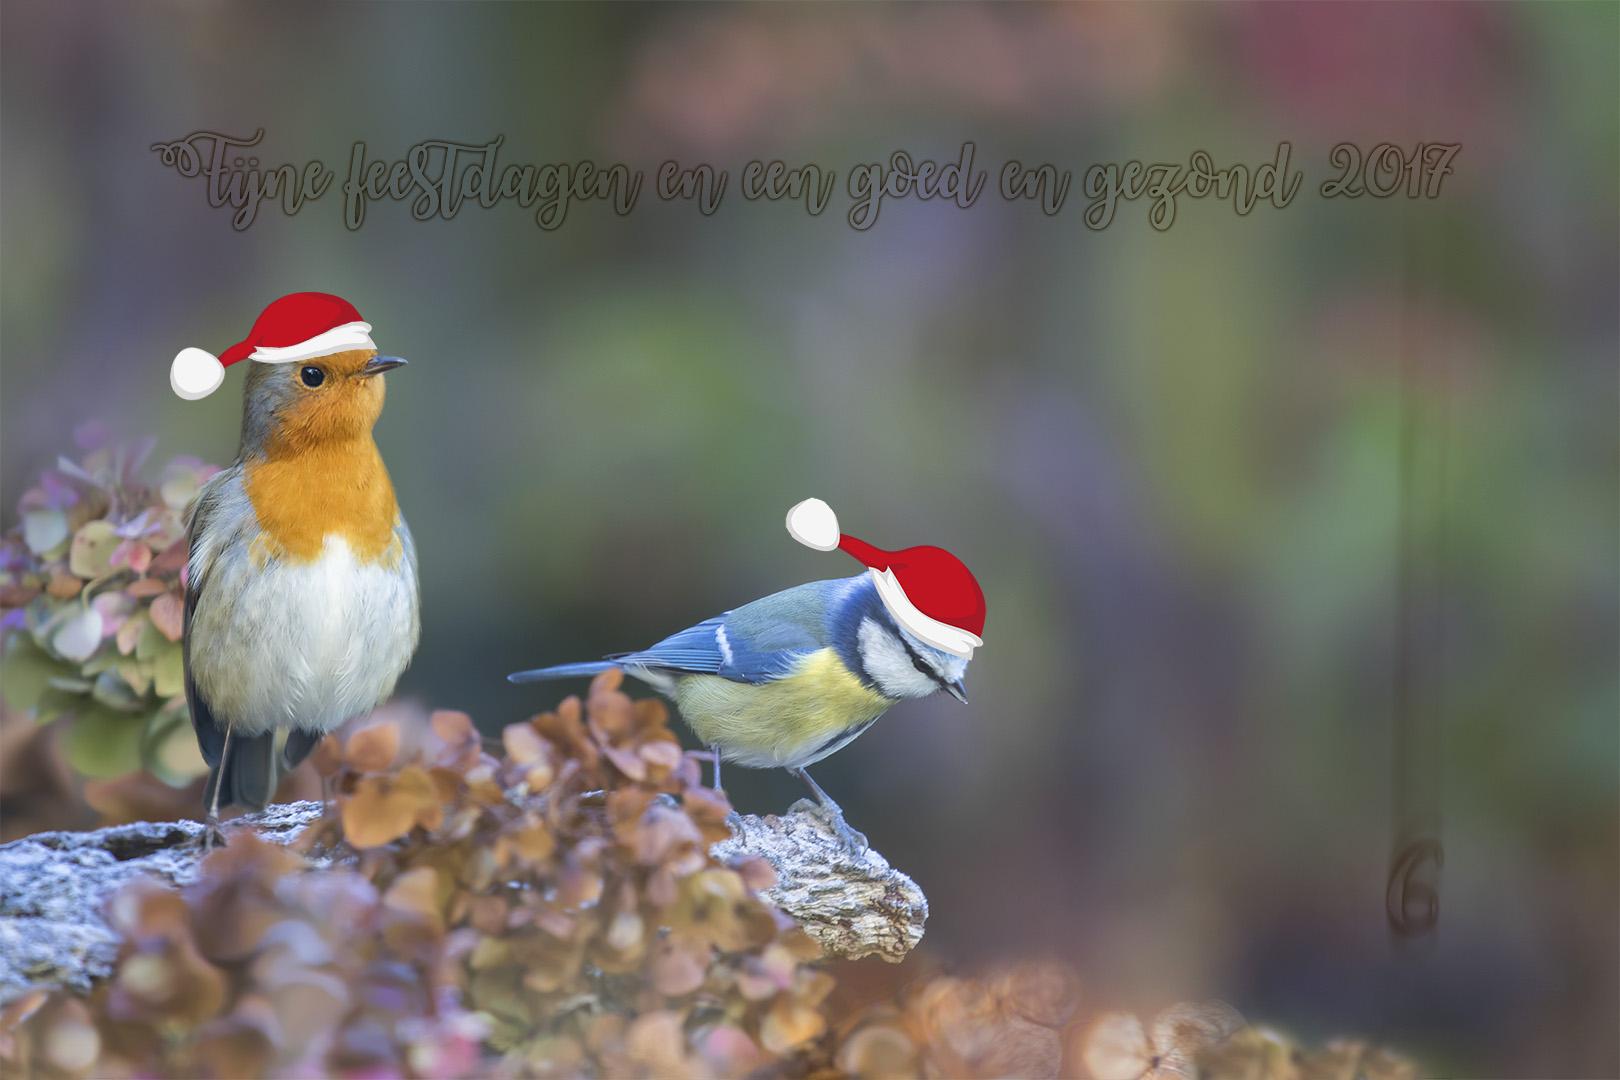 ddn kerstwens